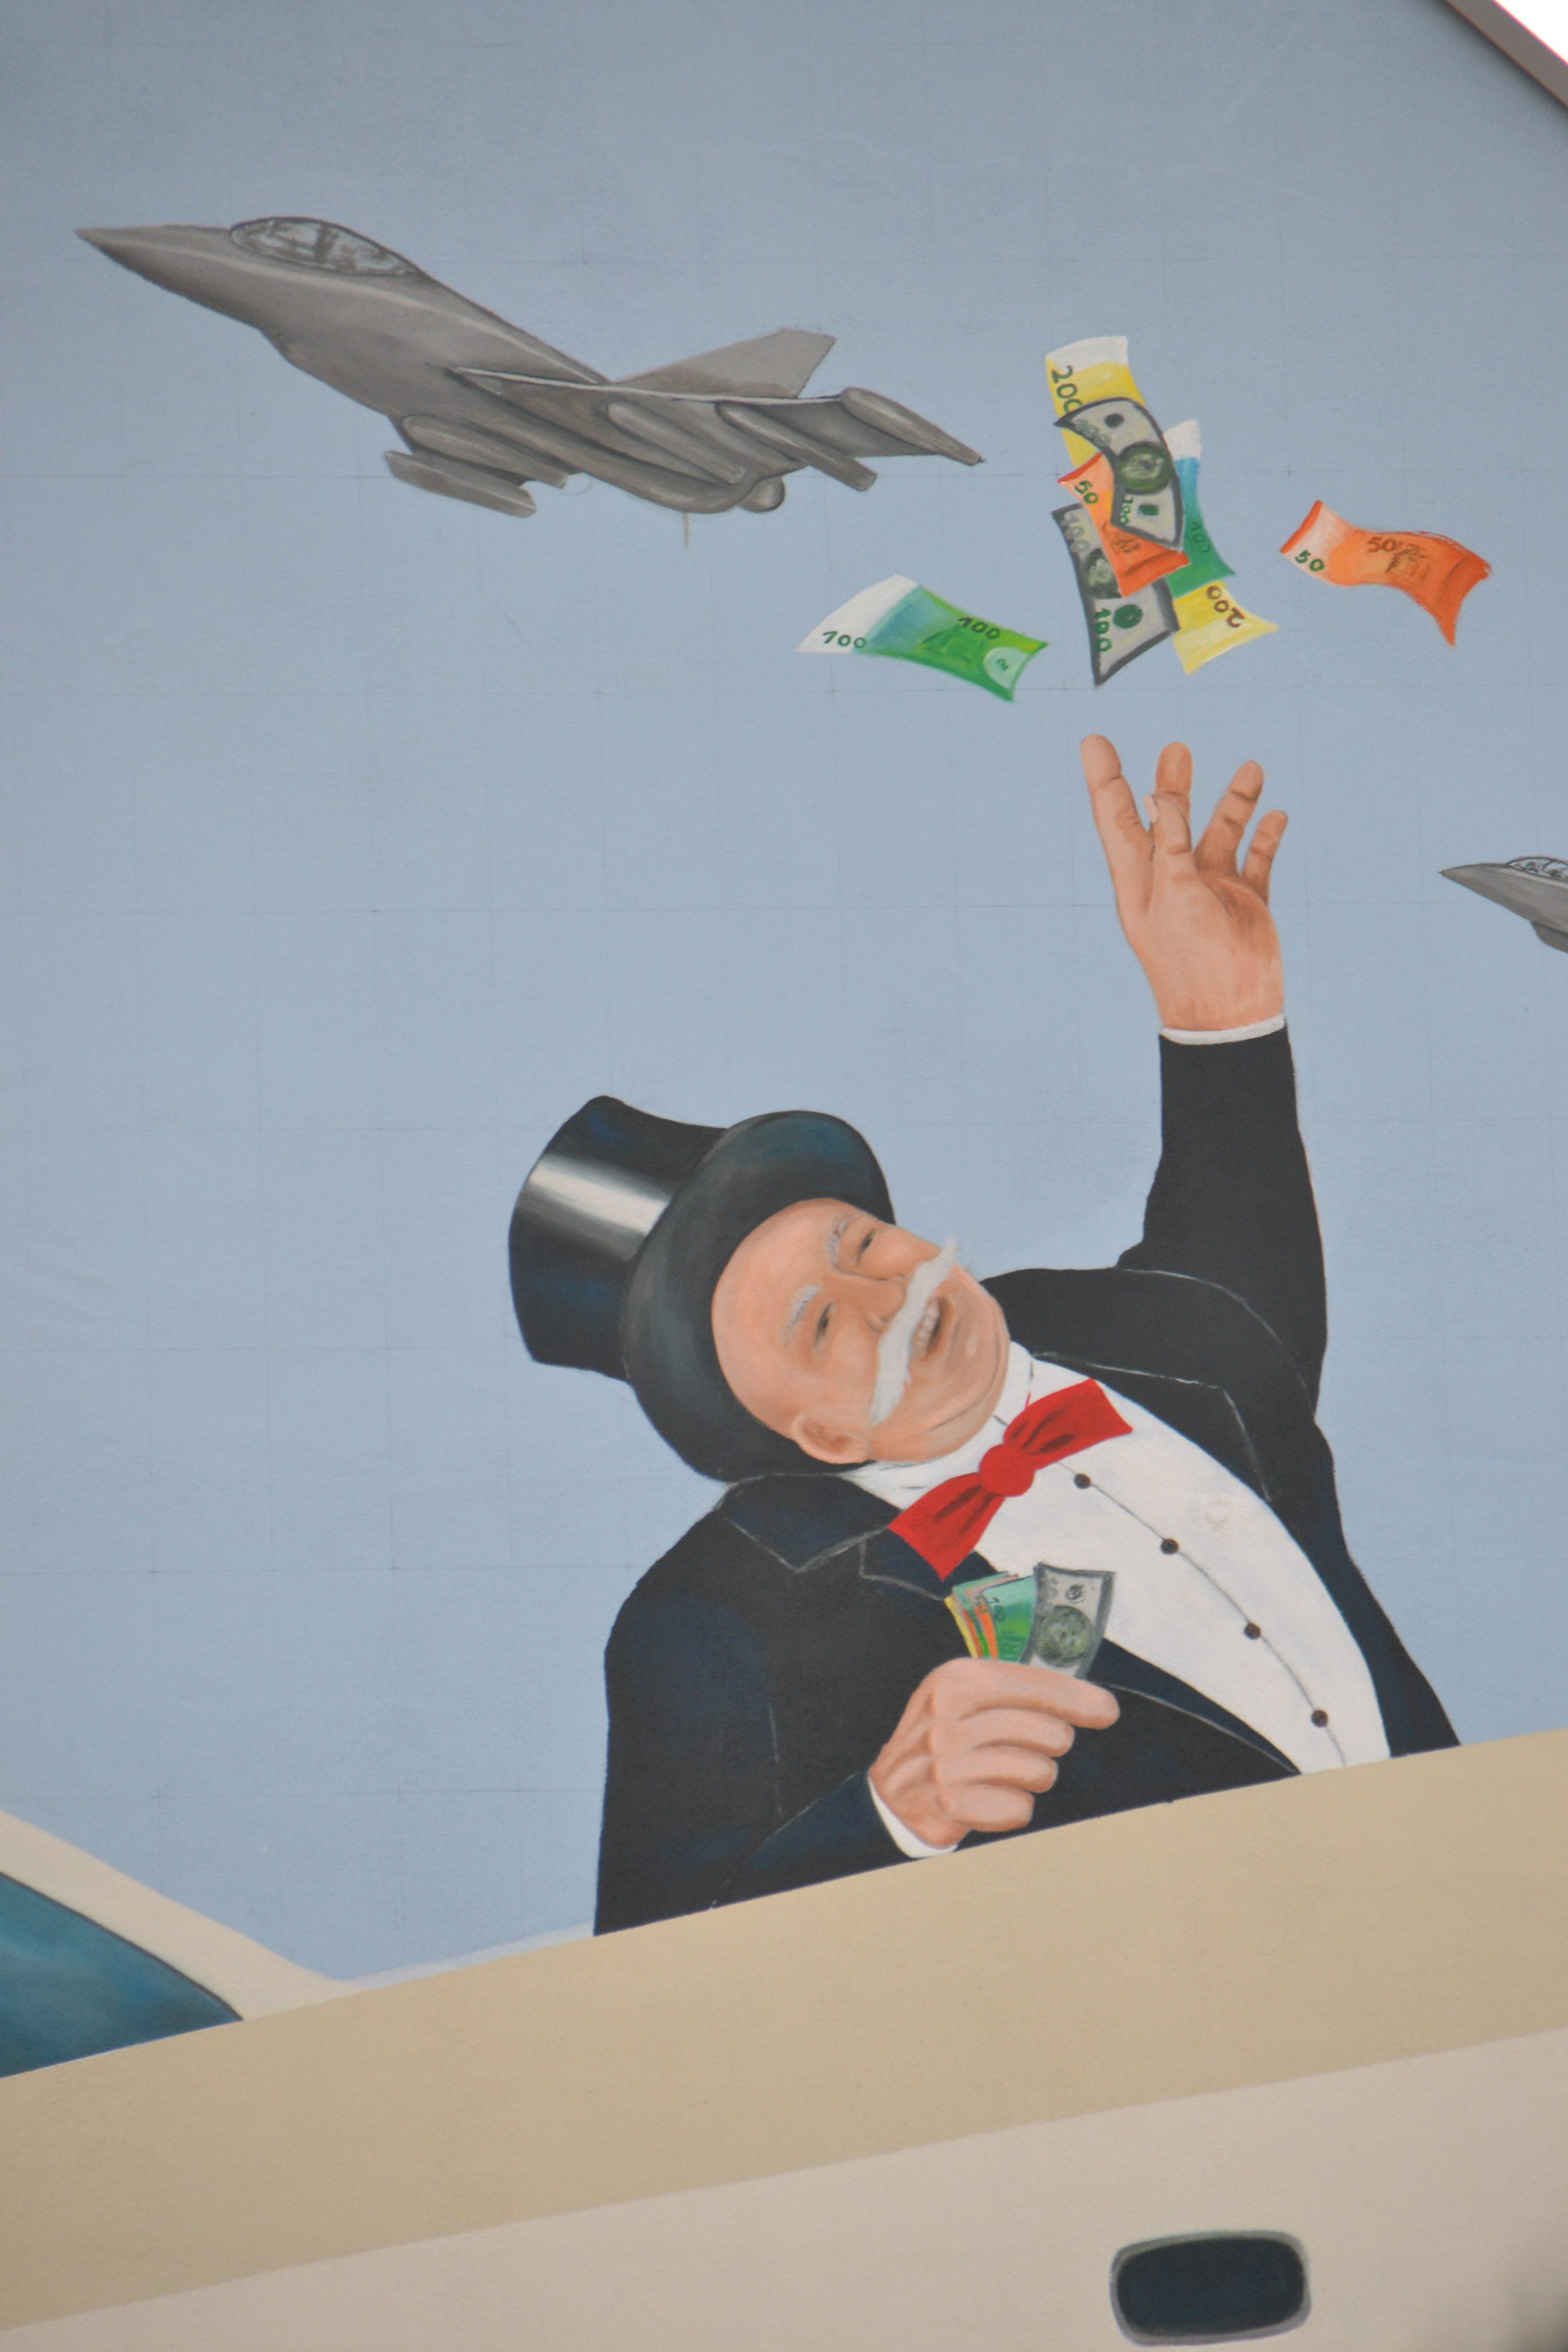 Das Detail zeigt einen freundlichen Herrn mit grauem Schnäuzer in Frack, Zylinder und roter Fliege, der sich über die Bordwand einer Yacht lehnt und große Geldscheine in die Luft wirft, wo sie zu einem Kampfjet flattern.